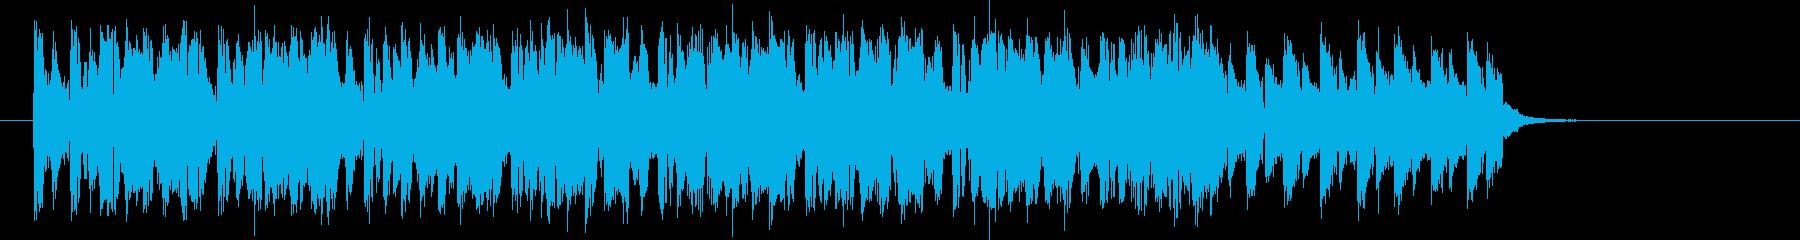 躍動感のあるテクノサウンドの再生済みの波形